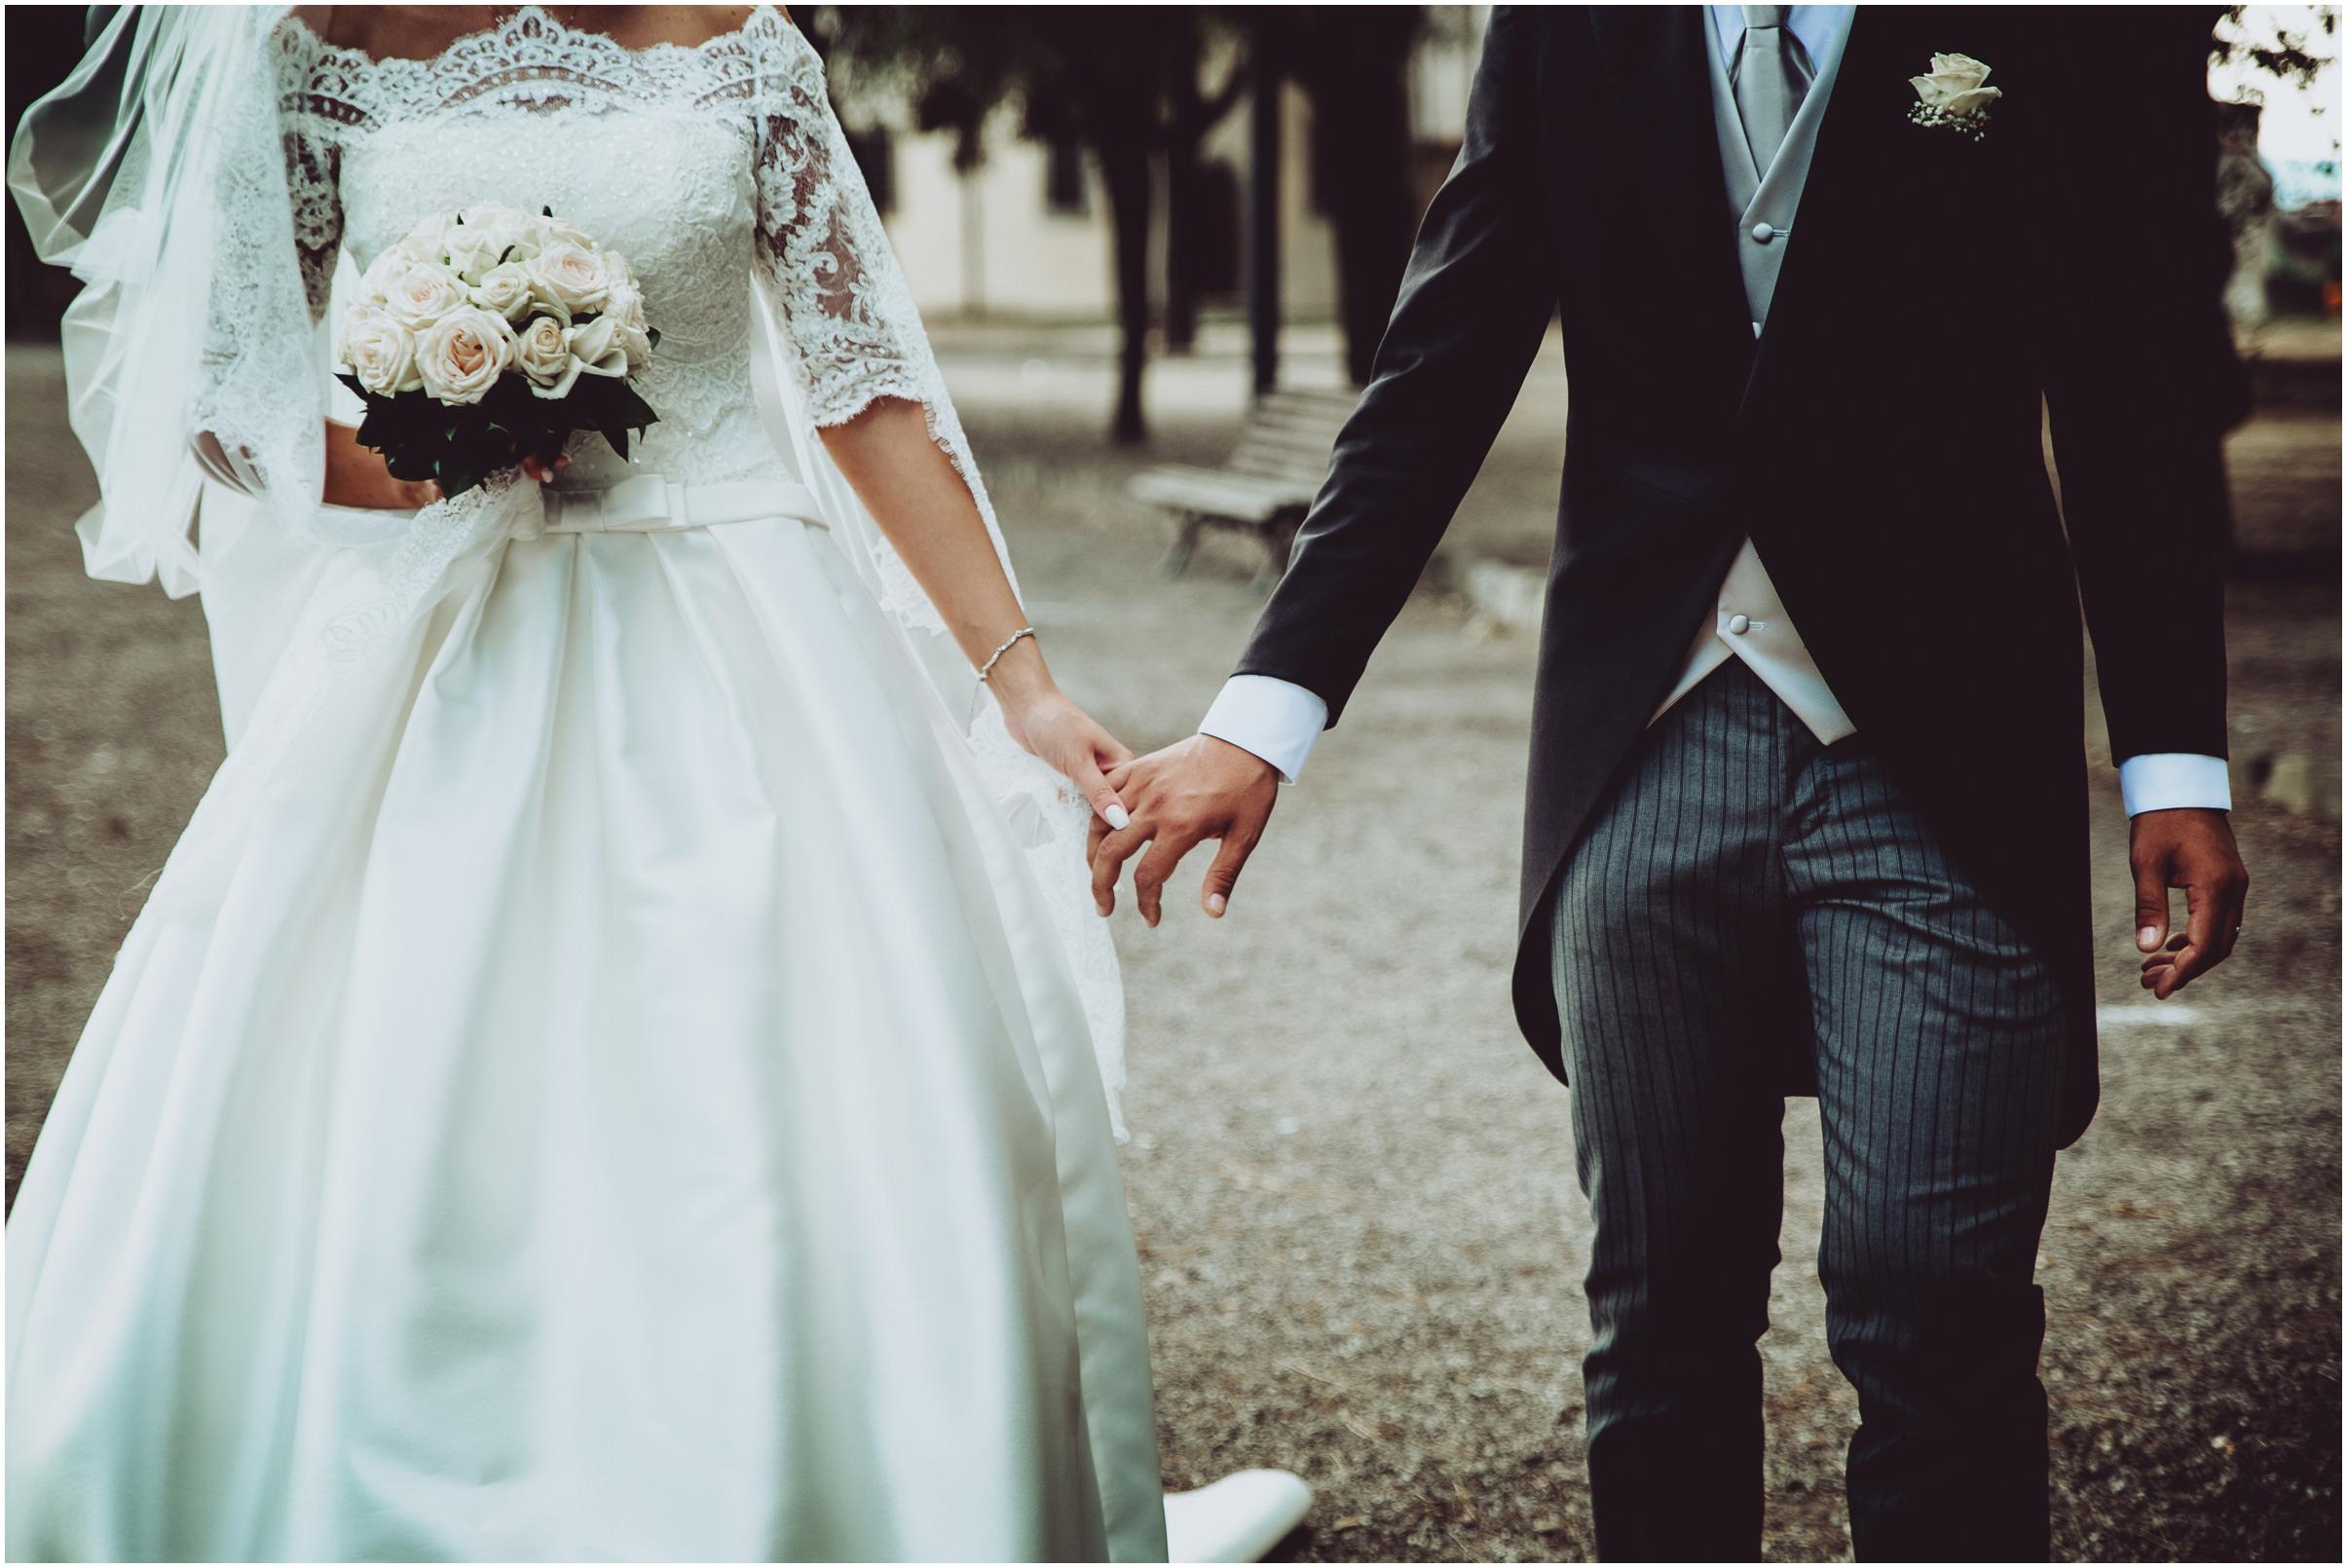 WEDDING-PHOTOGRAPHY-SARA-LORENZONI-FOTOGRAFIA-MATRIMONIO-AREZZO-TUSCANY-EVENTO-LE-SPOSE-DI-GIANNI-ELISA-LUCA031